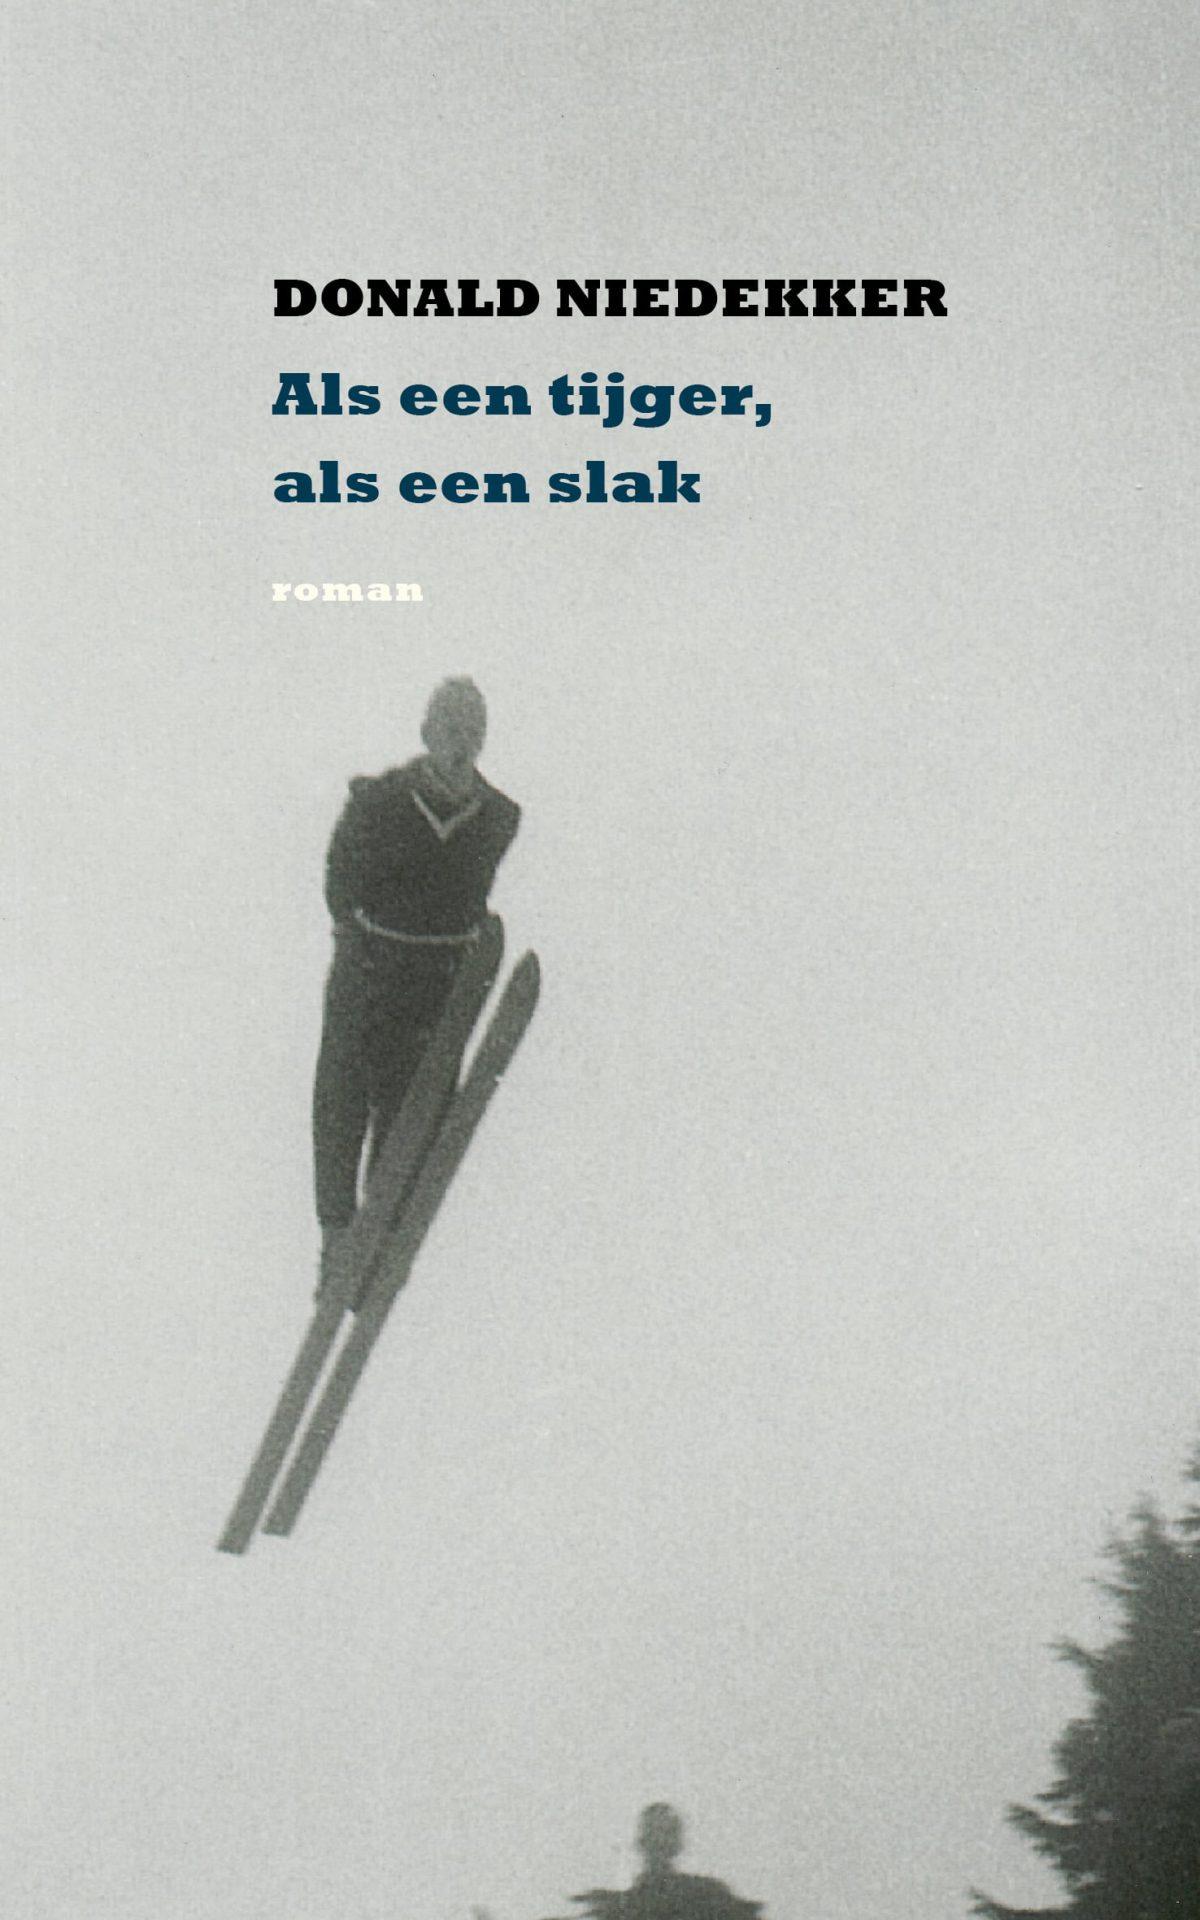 Als een tijger als een slak – Donald Niedekker